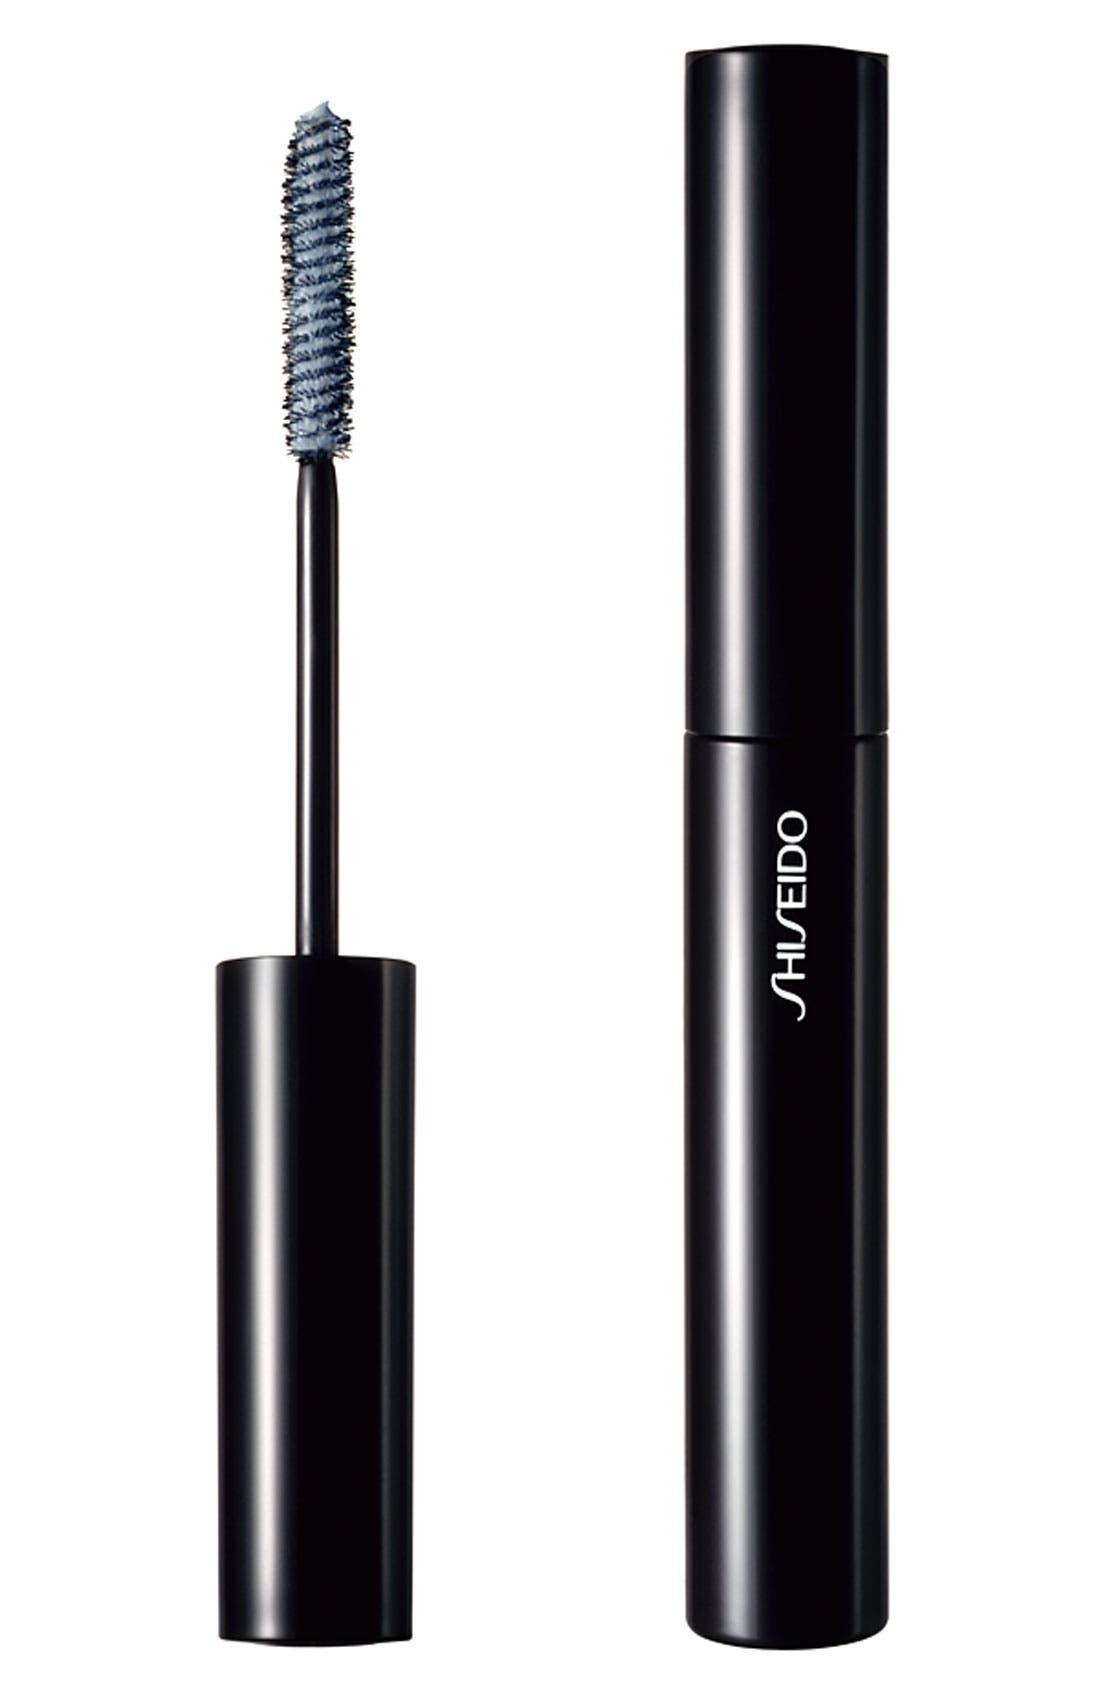 Shiseido 'The Makeup' Nourishing Mascara Base